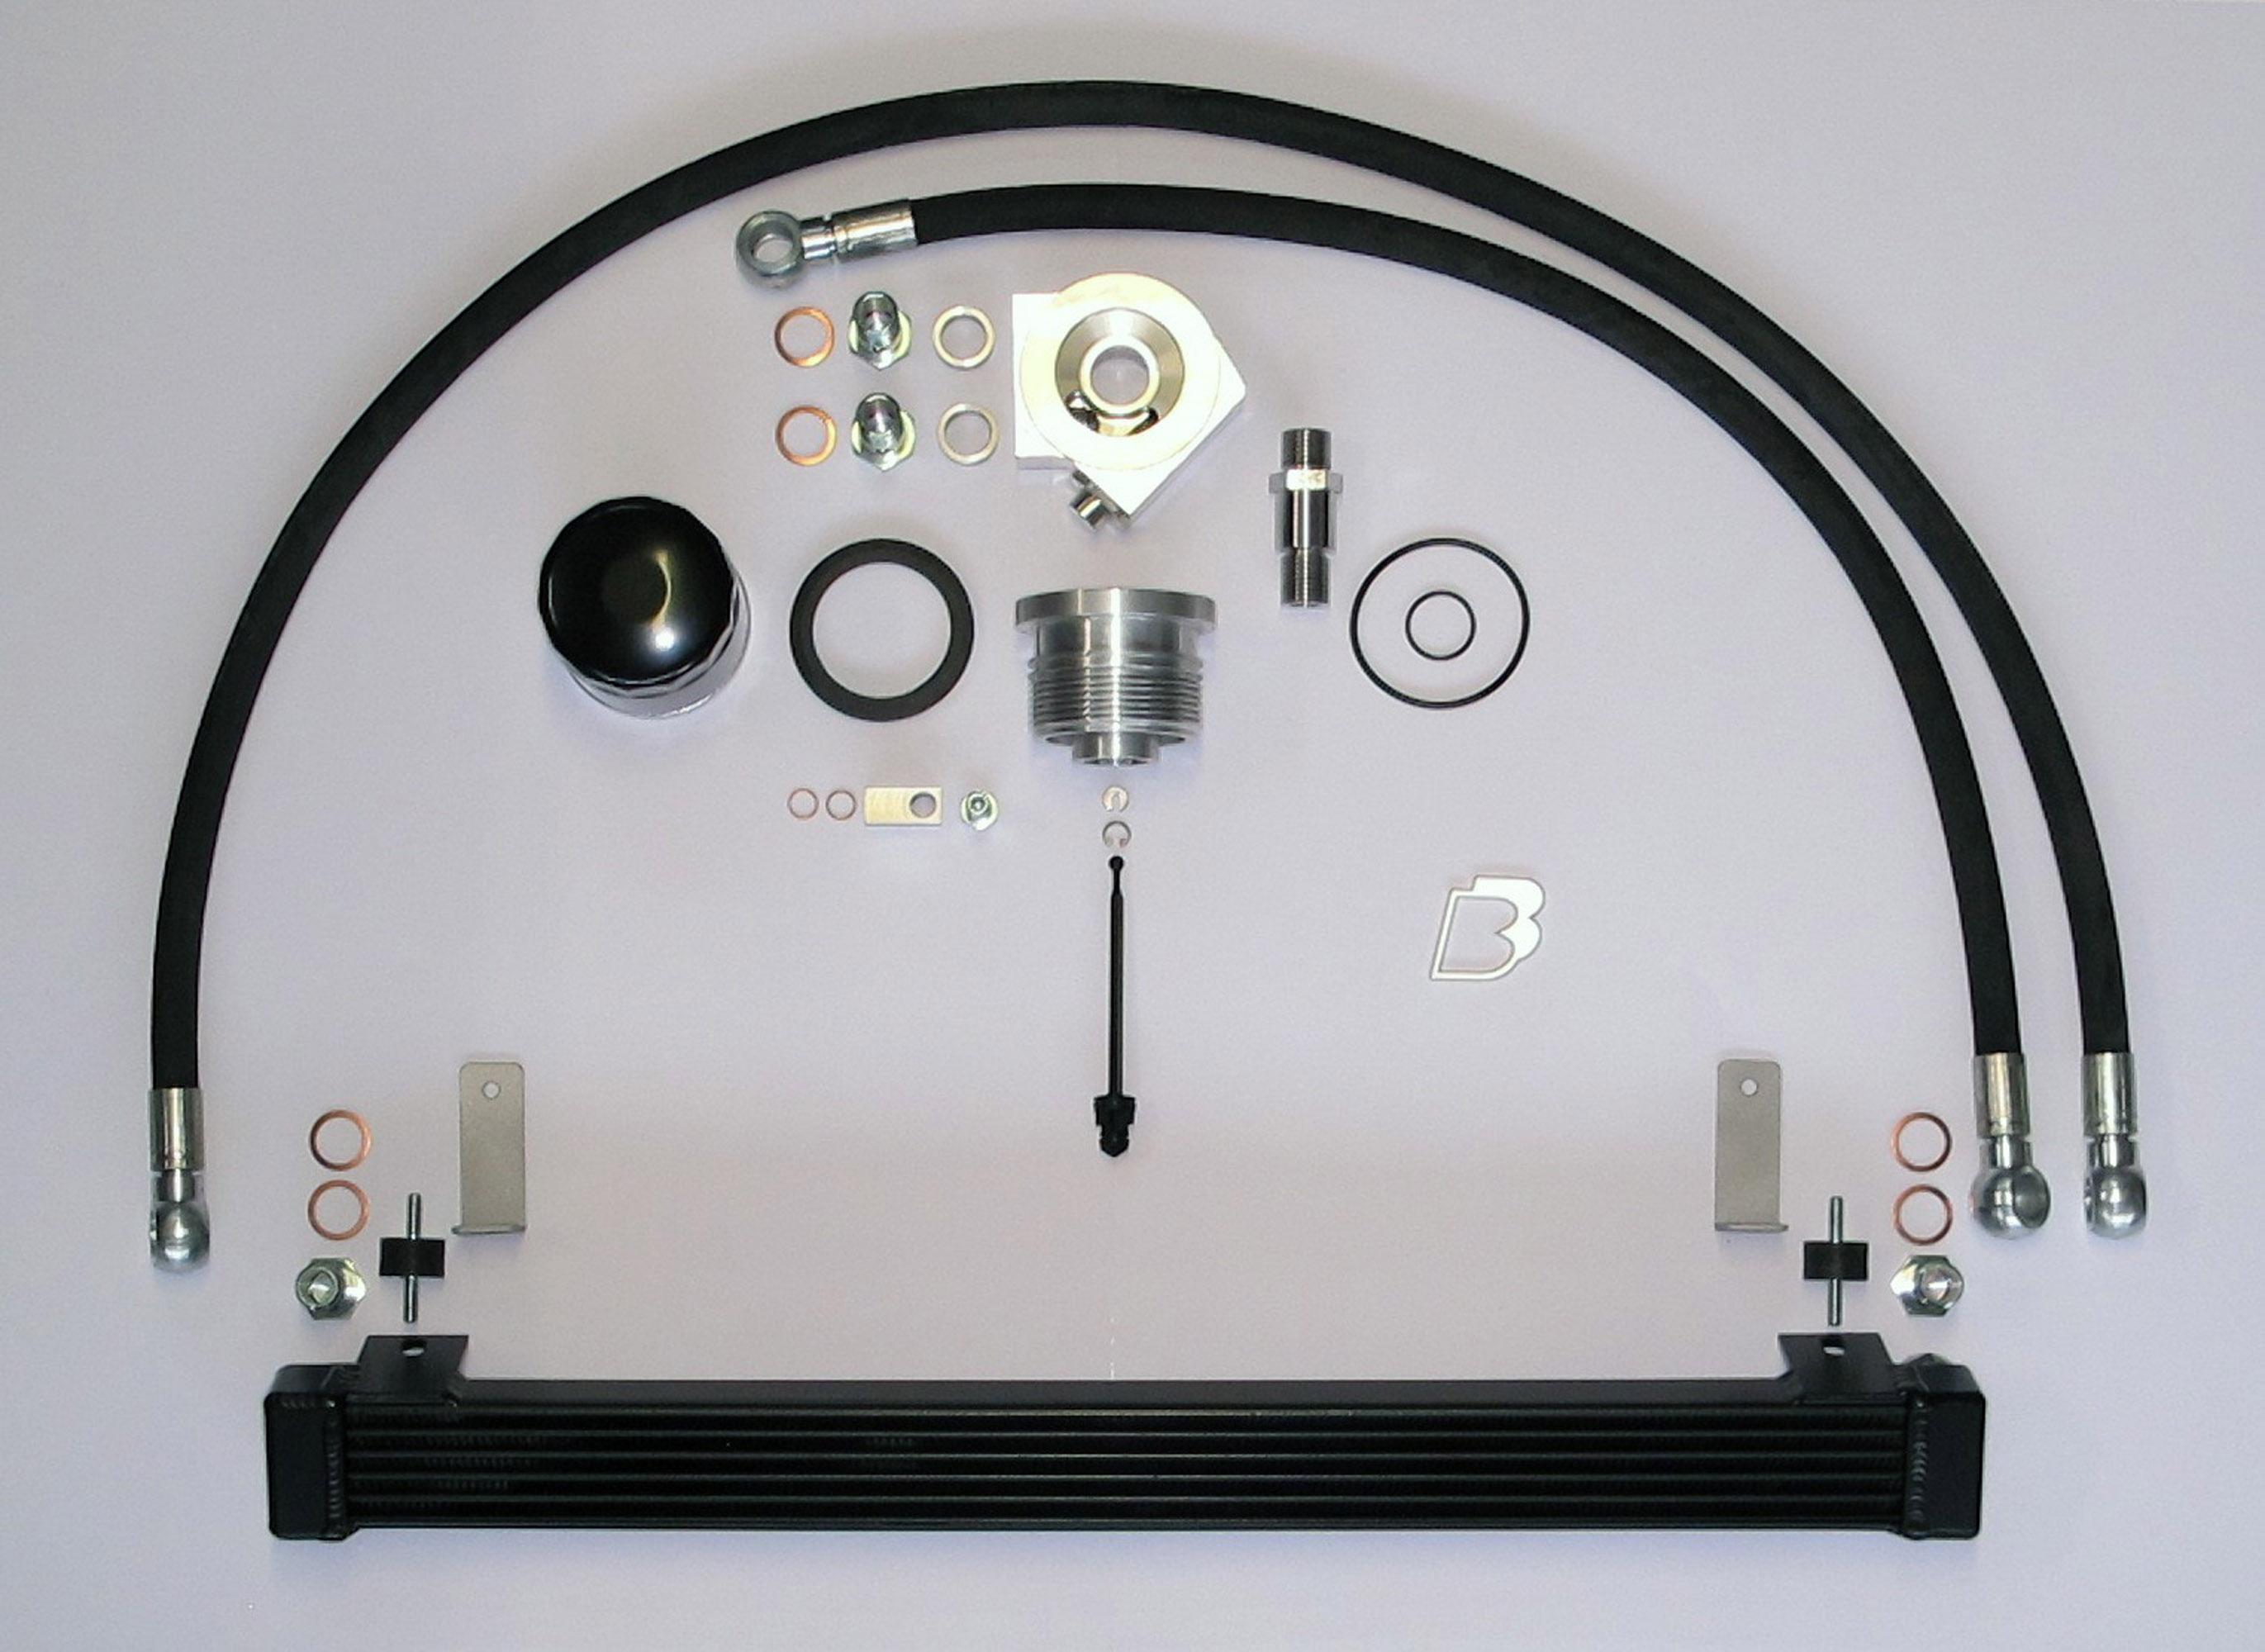 Это так называемая флагманская модель тюнинга, которая предлагает суперкомпьютерное программное обеспечение ECU, переопределяющее кривые топлива и зажигания, добавляет давление турбонаддува около 0,2 бар и предлагает ту же выходную мощность, что и St